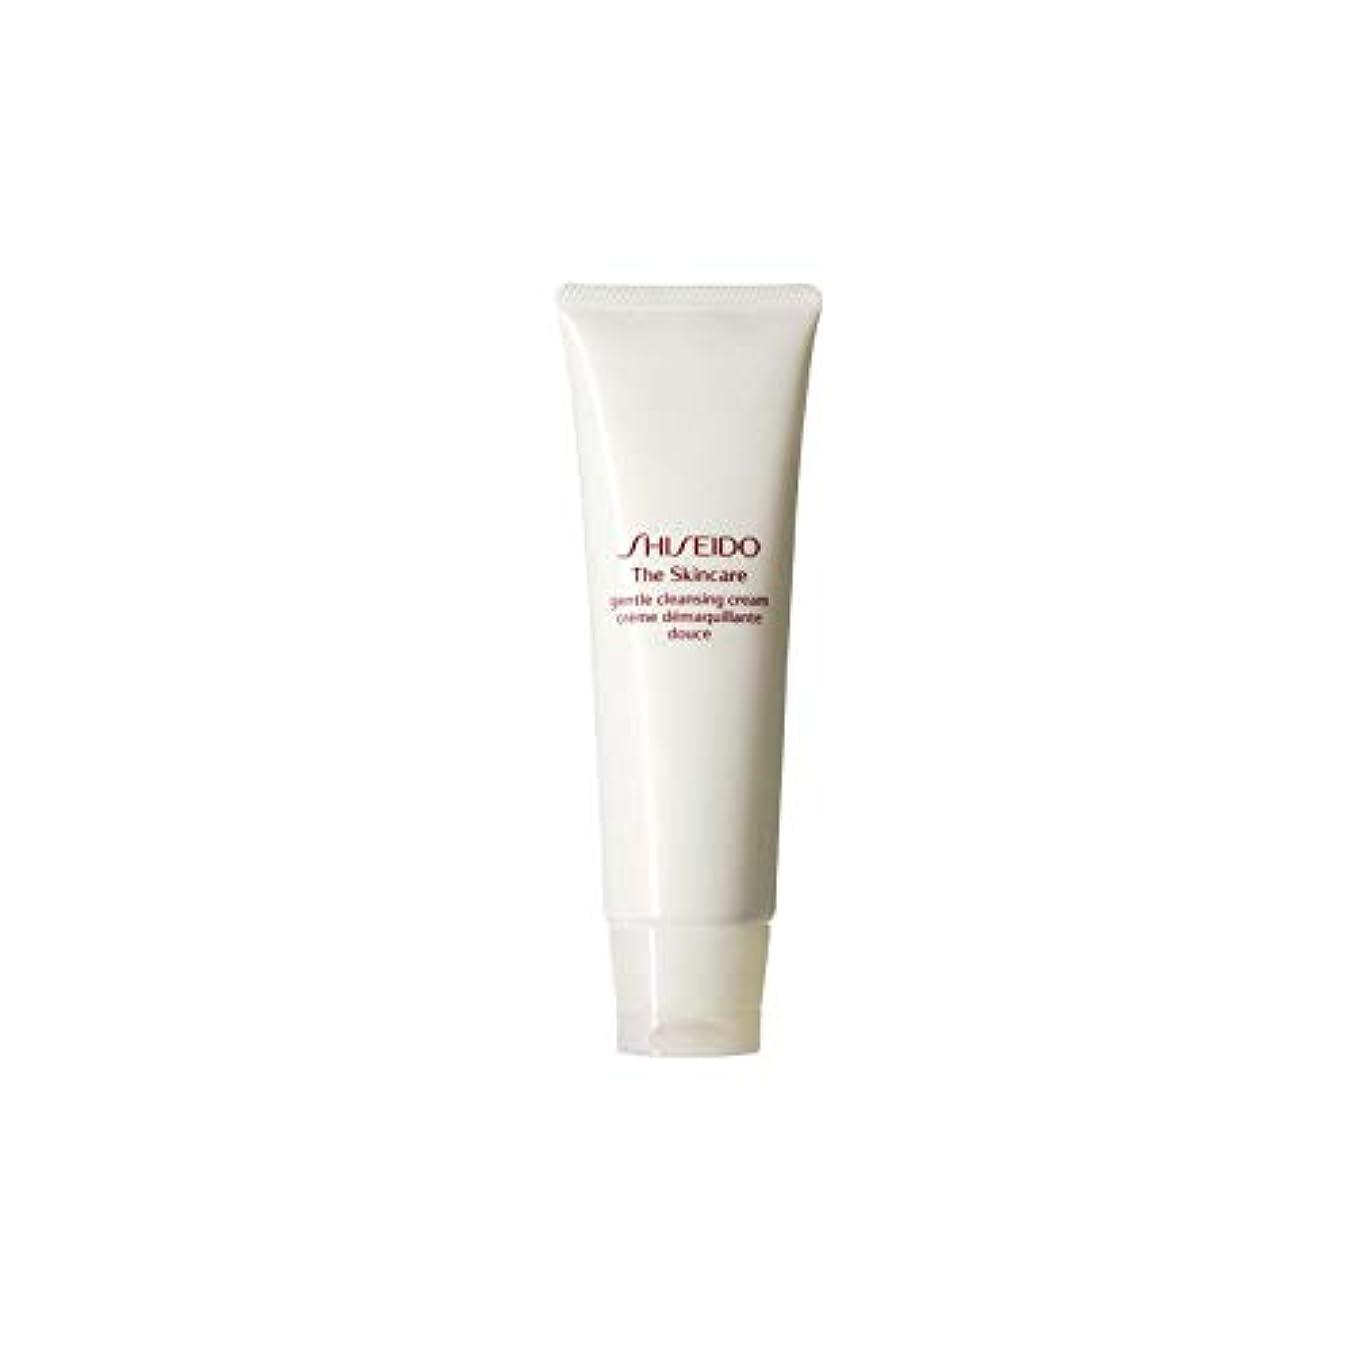 色焼く教室[Shiseido ] 資生堂スキンケアの必需品ジェントルクレンジングクリーム(125ミリリットル) - Shiseido The Skincare Essentials Gentle Cleansing Cream (...